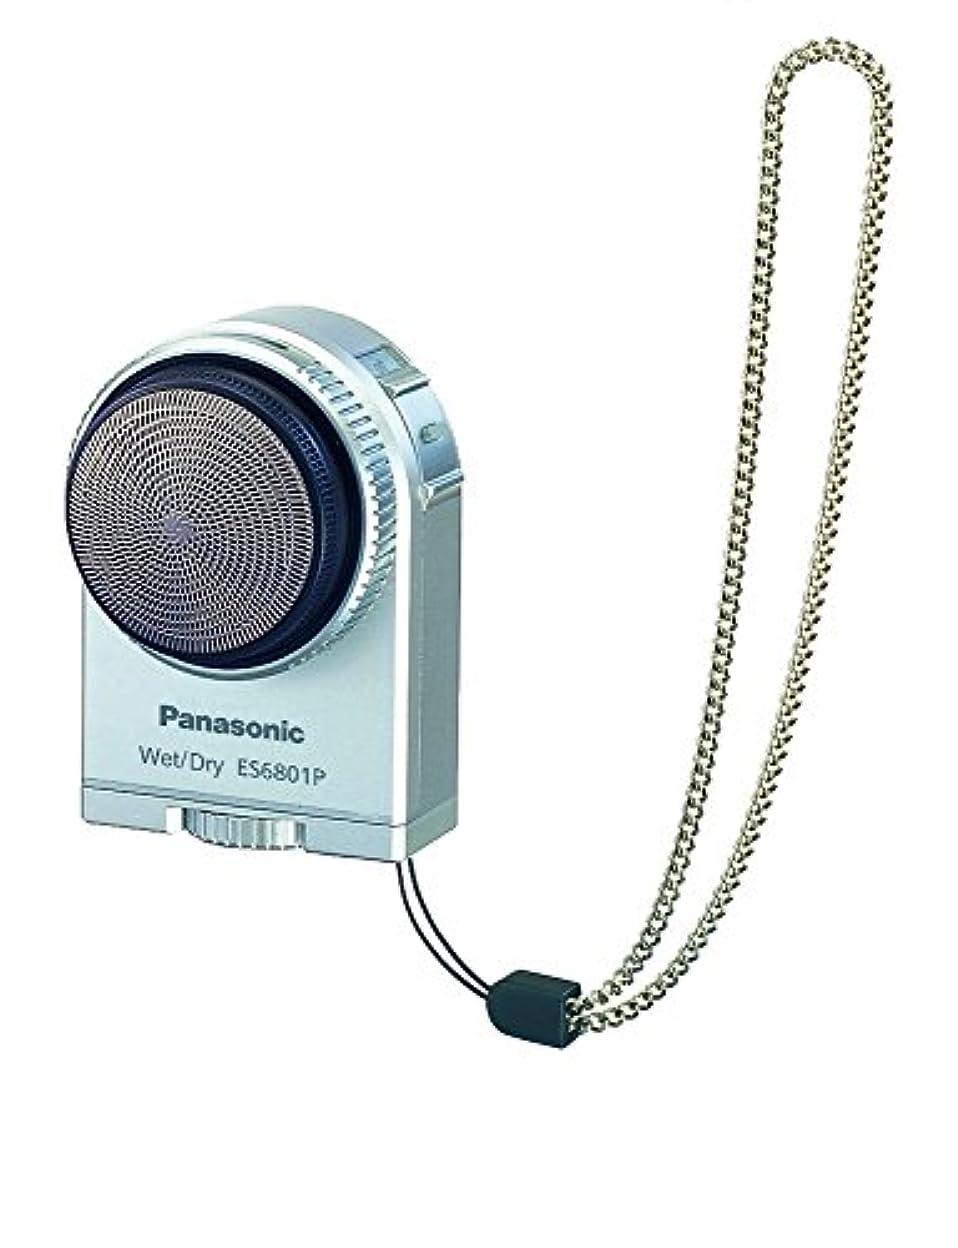 発明ファントム名誉パナソニック スピンネット?リチウム シルバー調 ES6801P-S